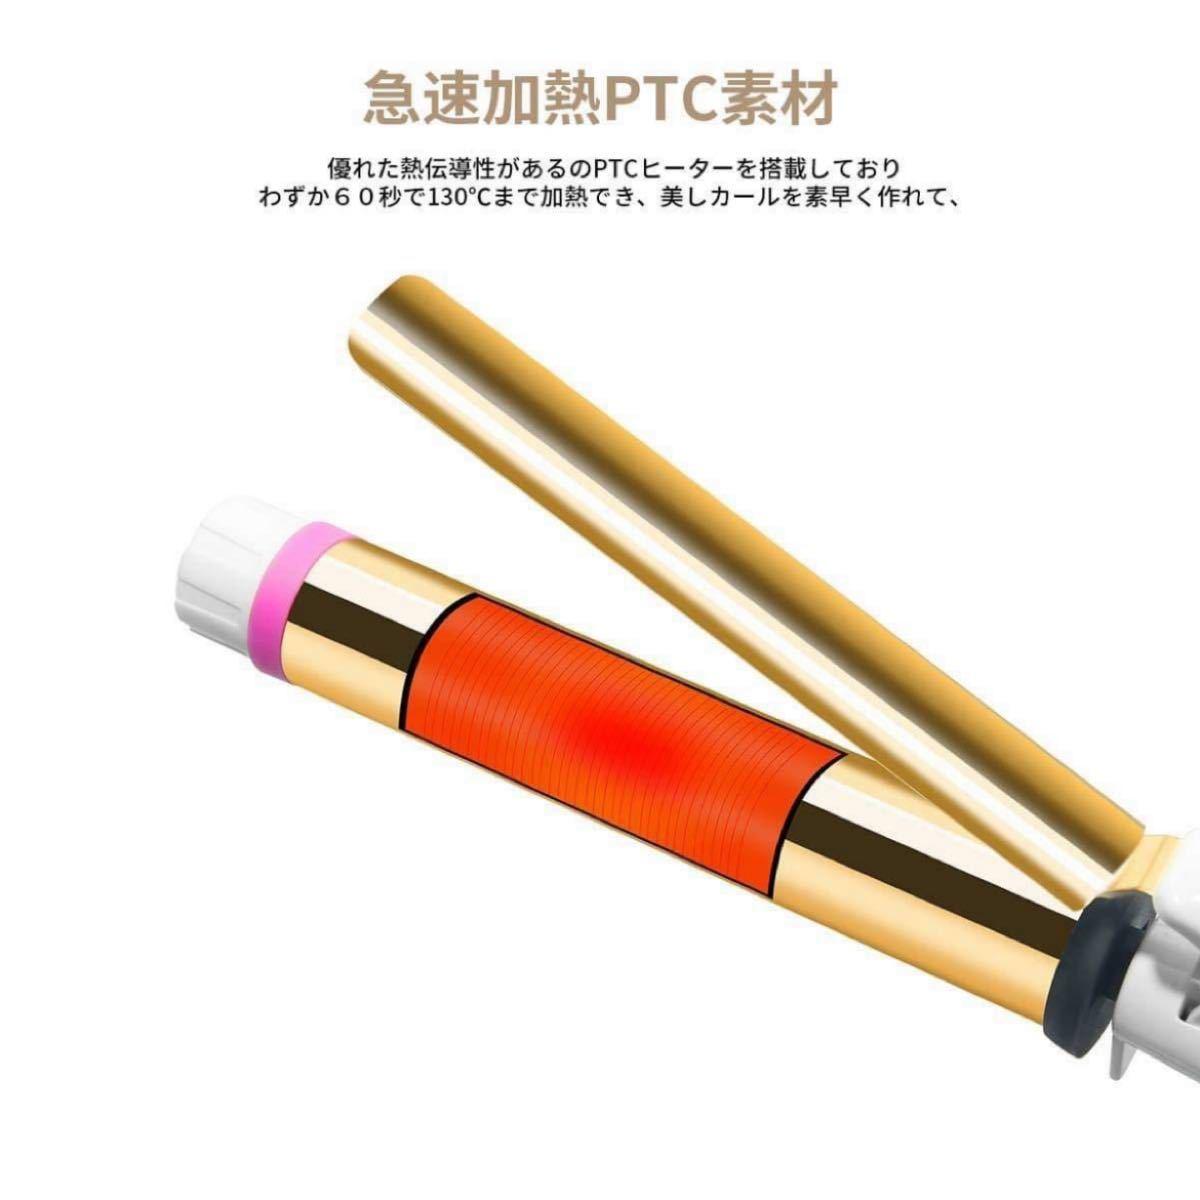 カールアイロン ヘアアイロンコテ 25mm カールアイロン  急速加熱